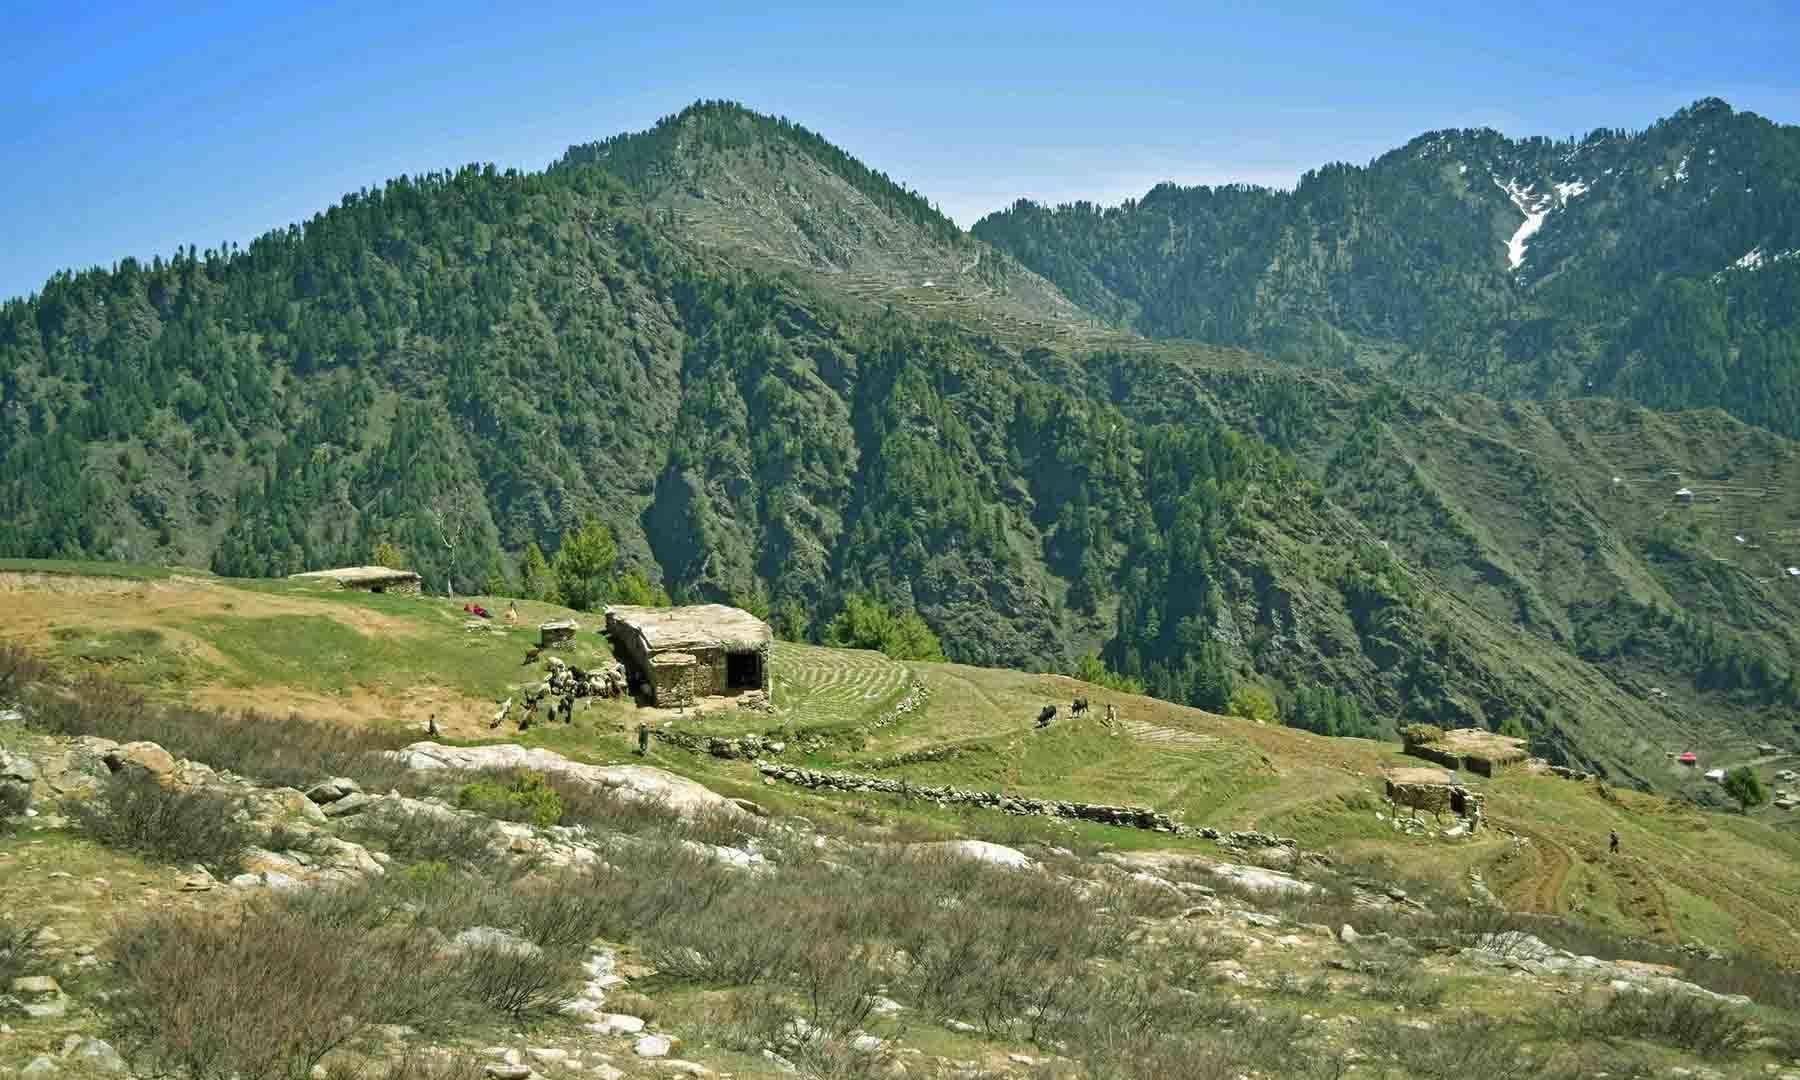 جھیل کی مشرقی طرف کا منظر— تصویر امجد علی سحاب